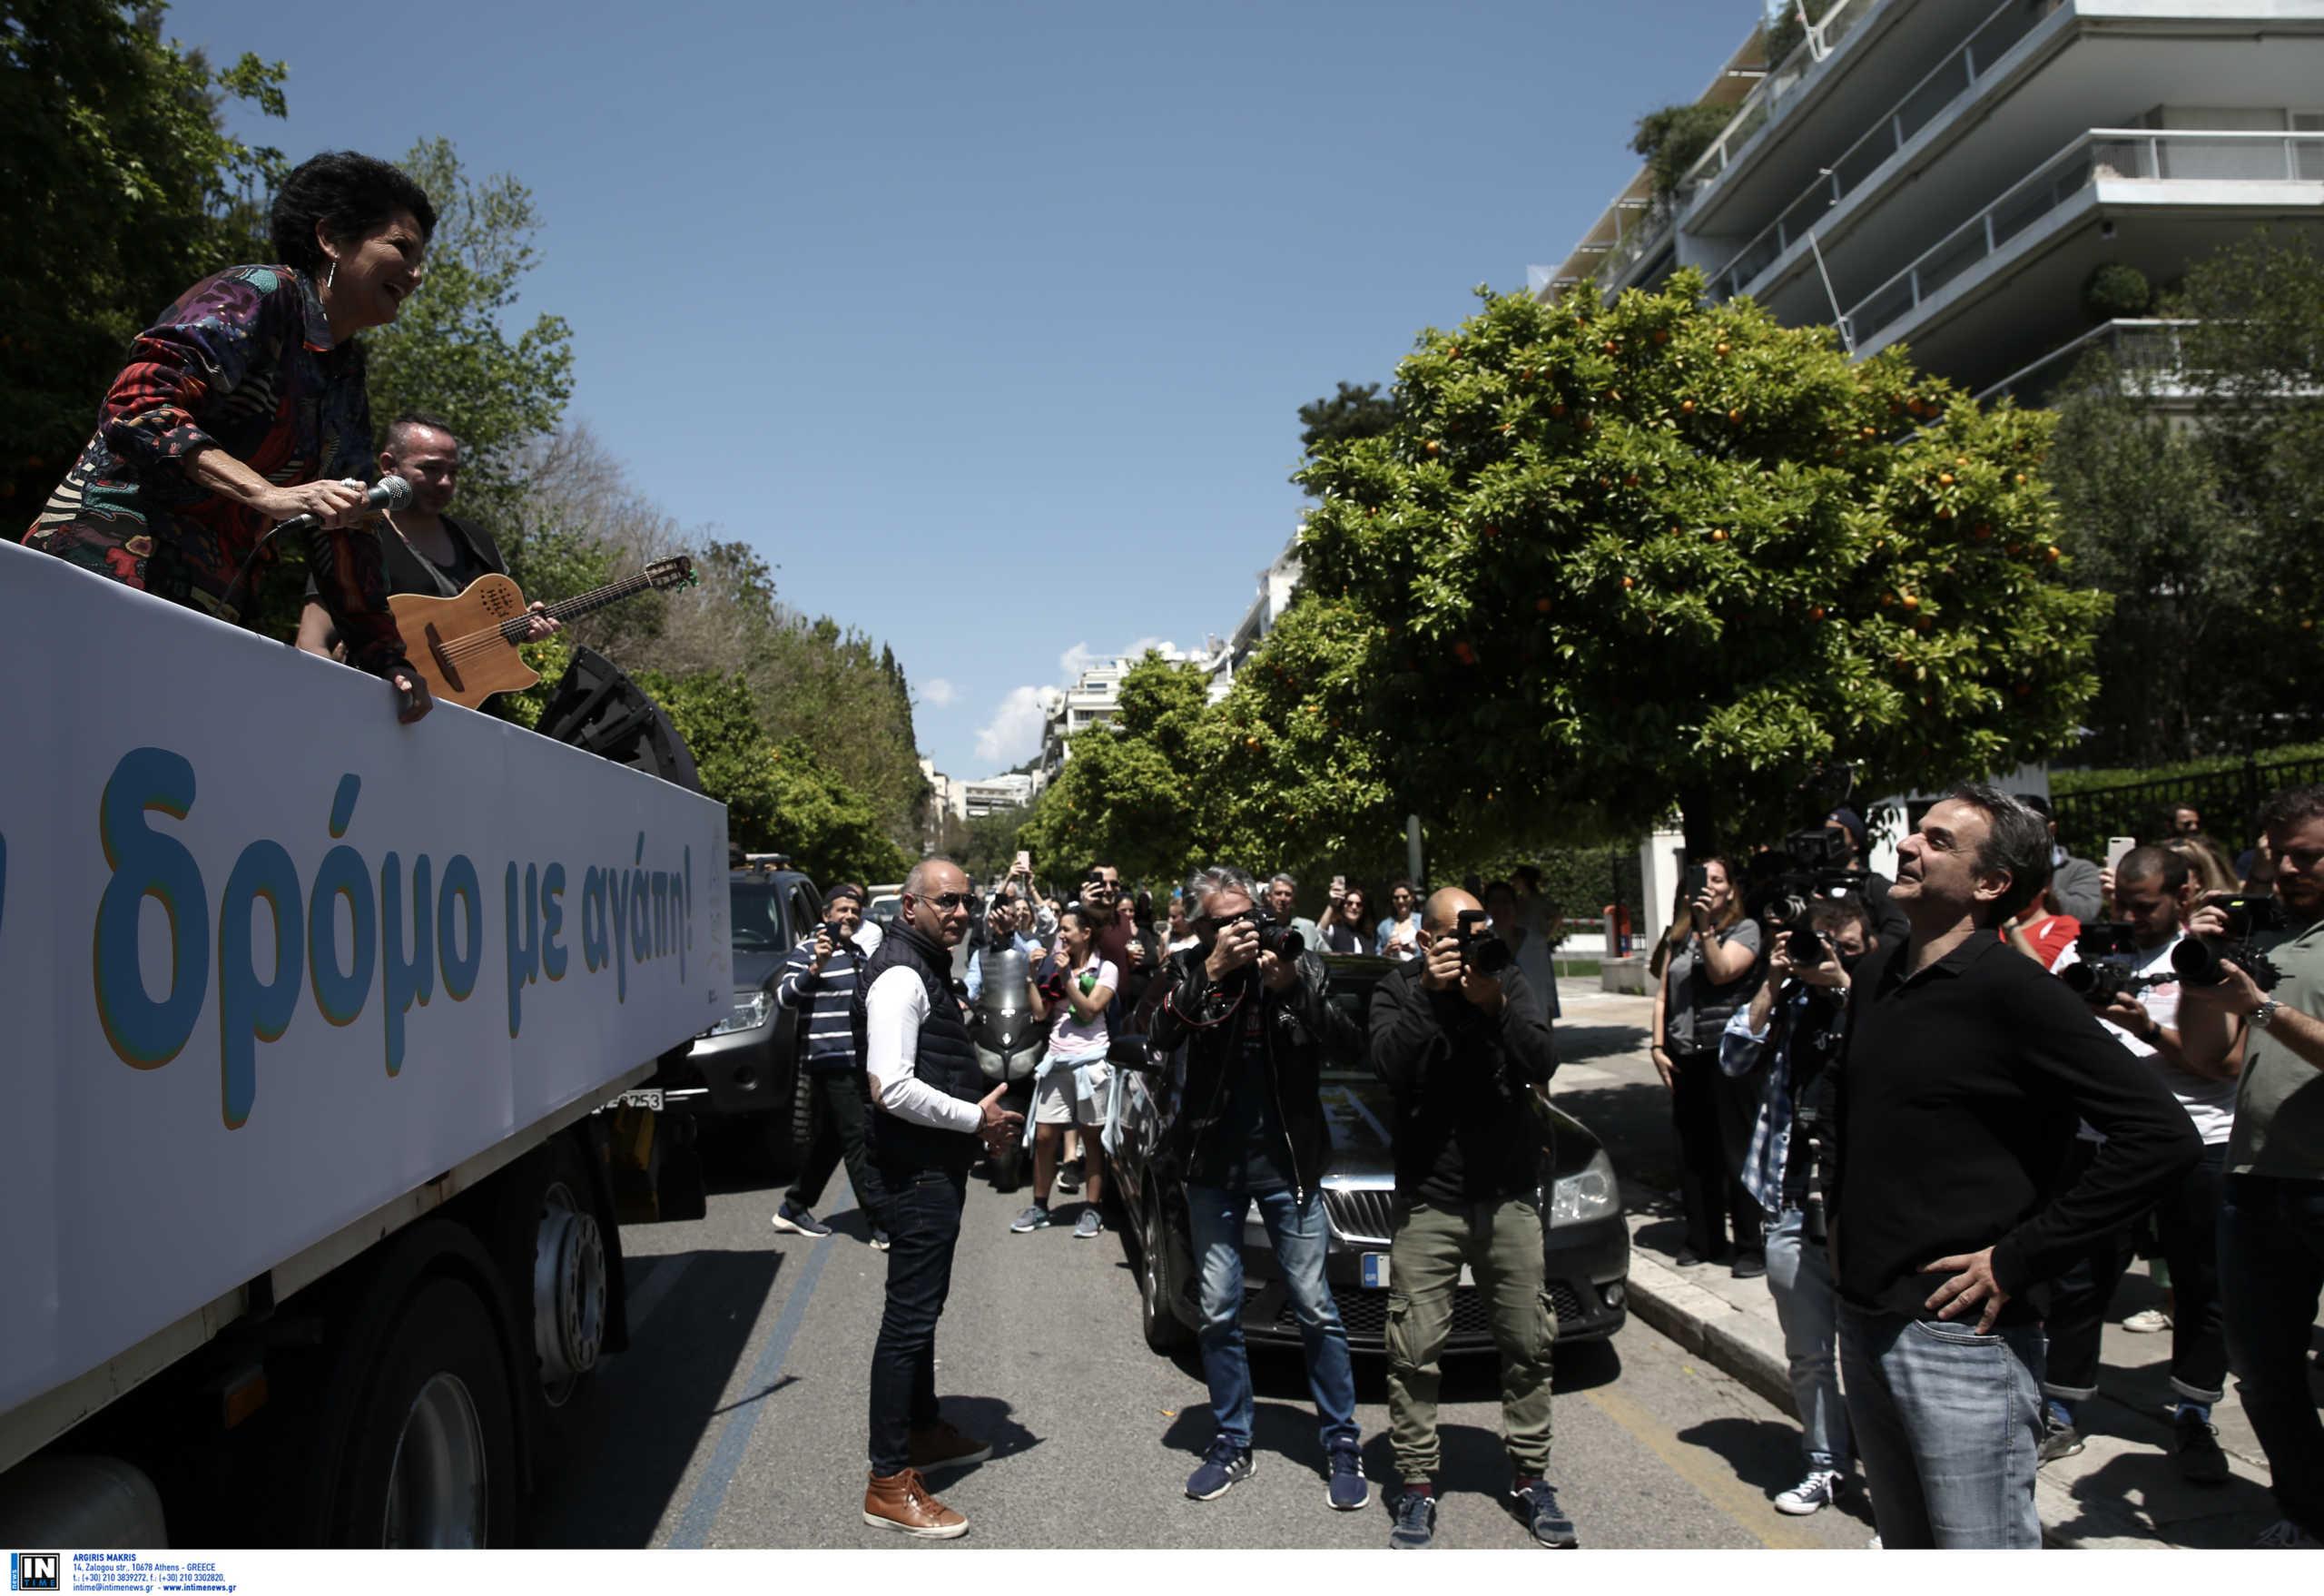 Άλκηστις Πρωτοψάλτη στο Live News: «Έκλαιγα εγώ, έκλαιγε ο κόσμος από τα μπαλκόνια»